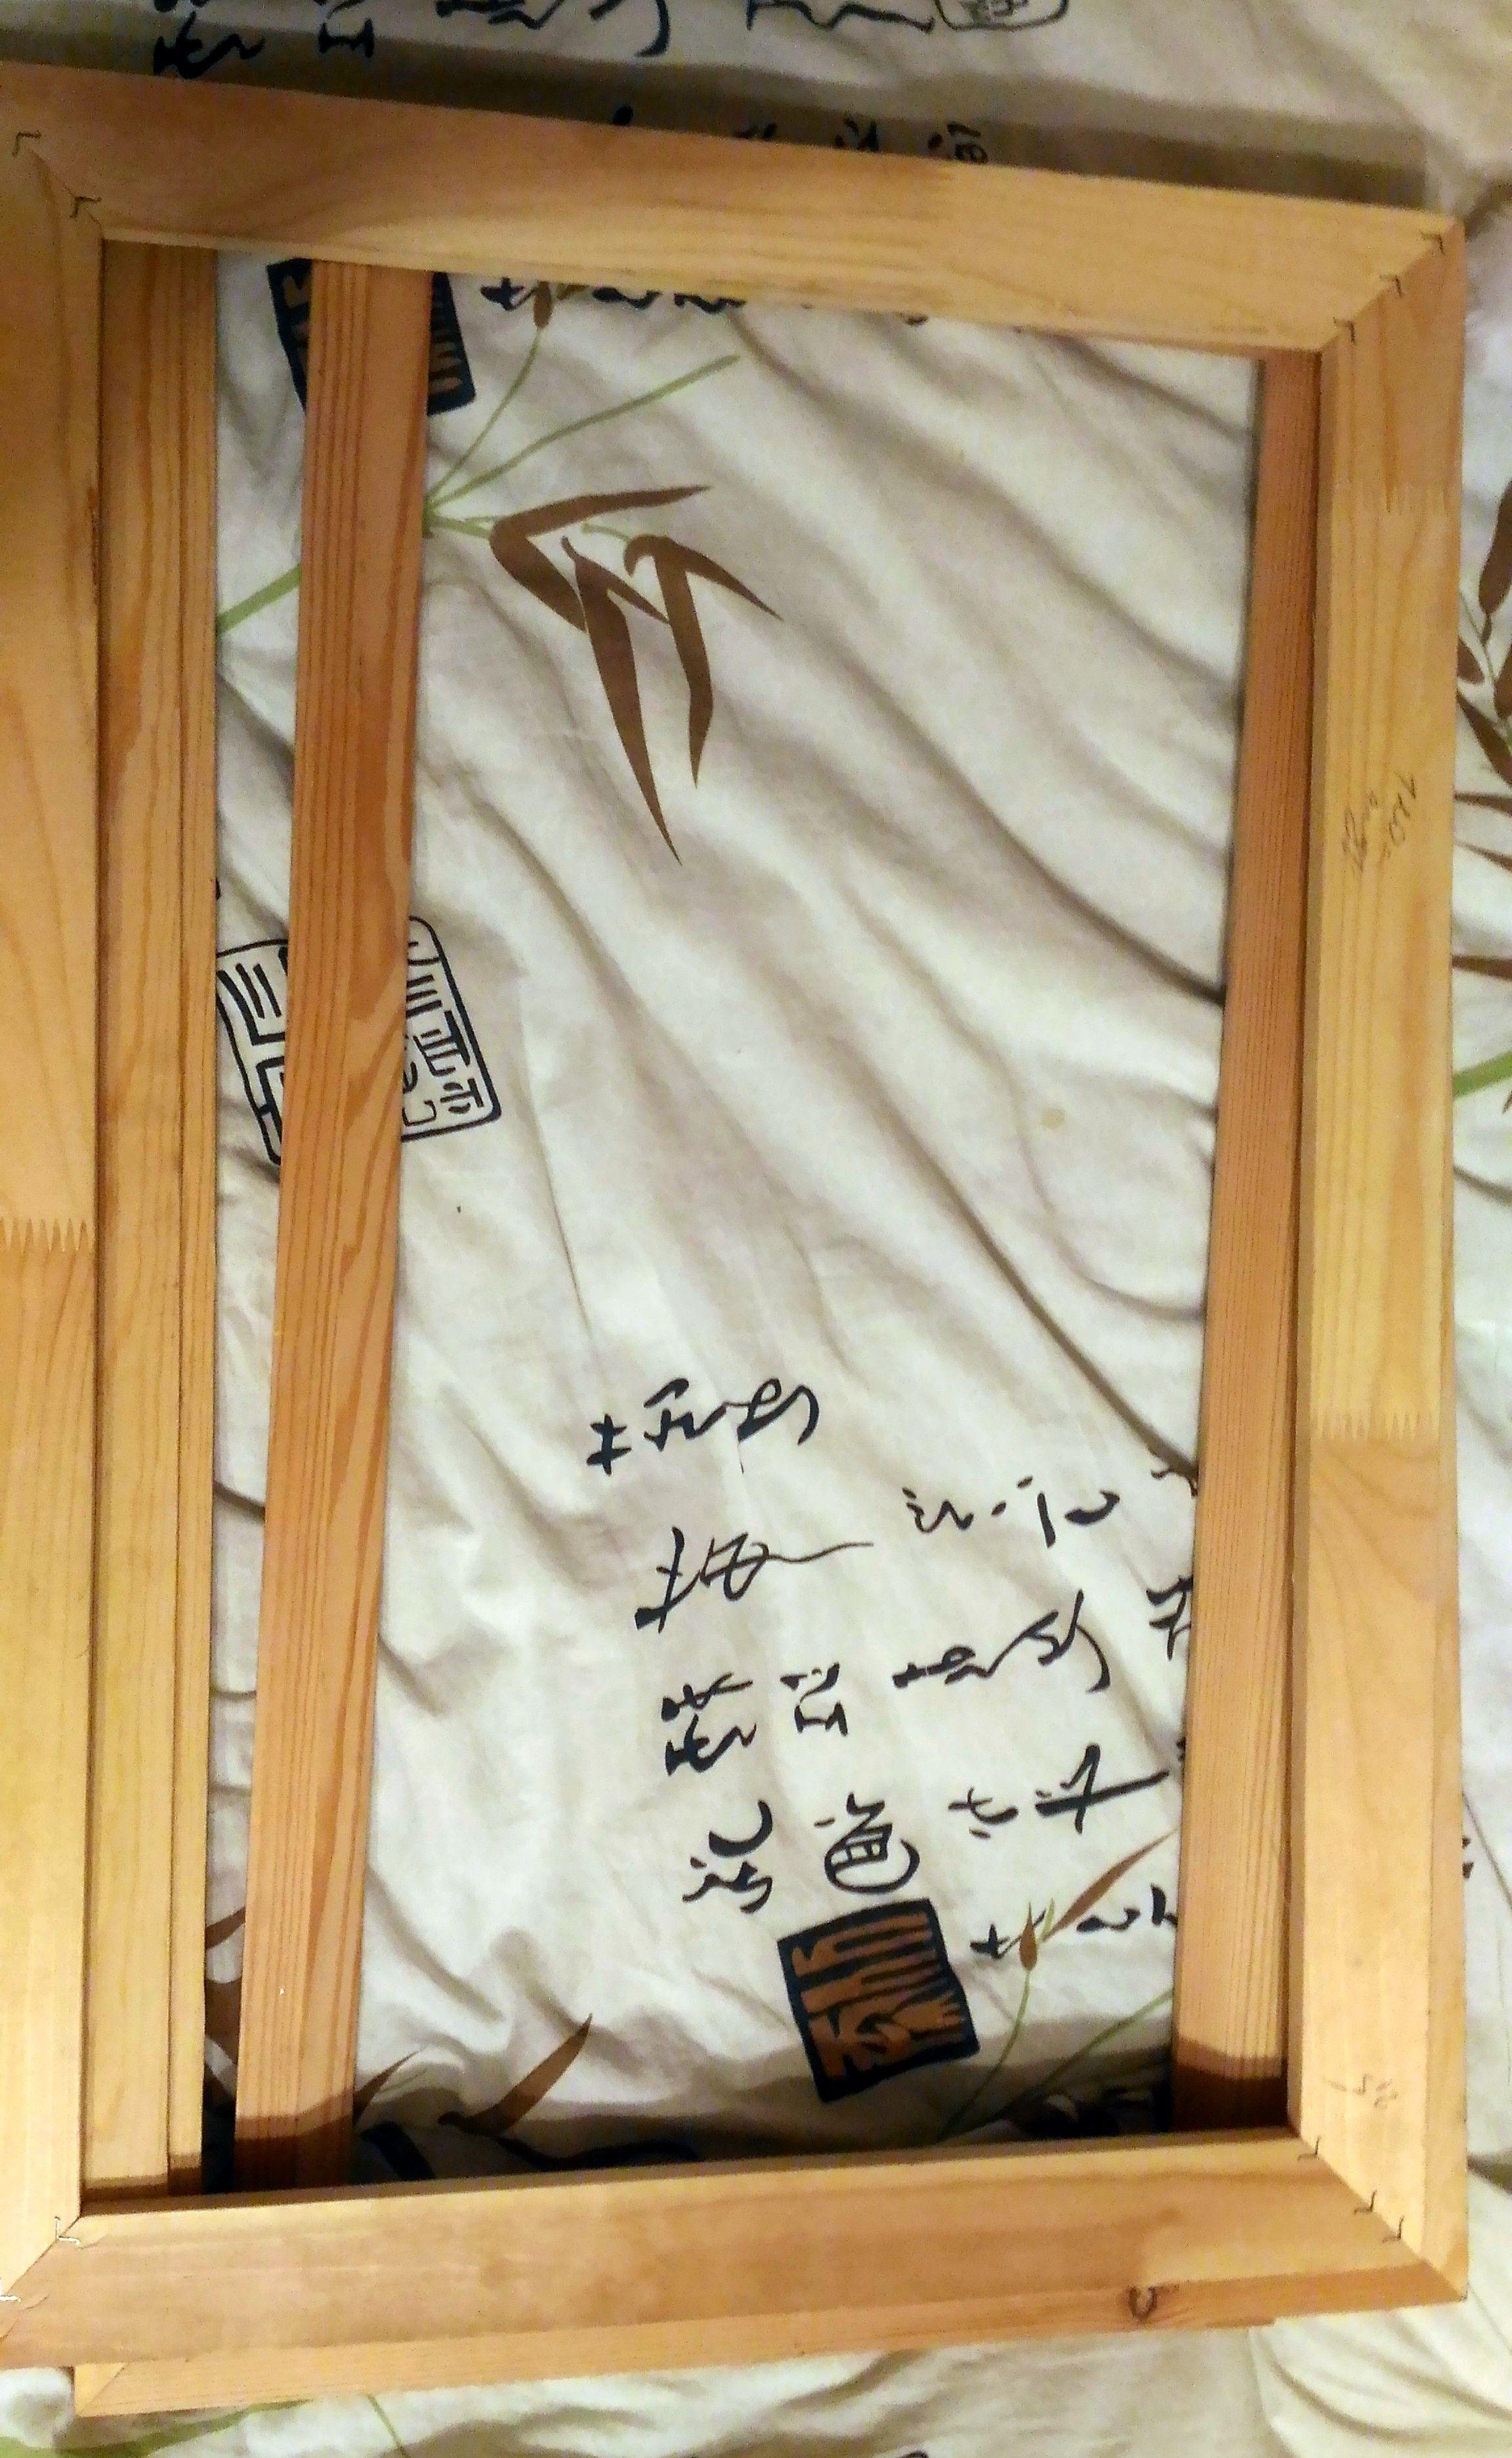 багет картины под картин рамки панно рамы офрмление